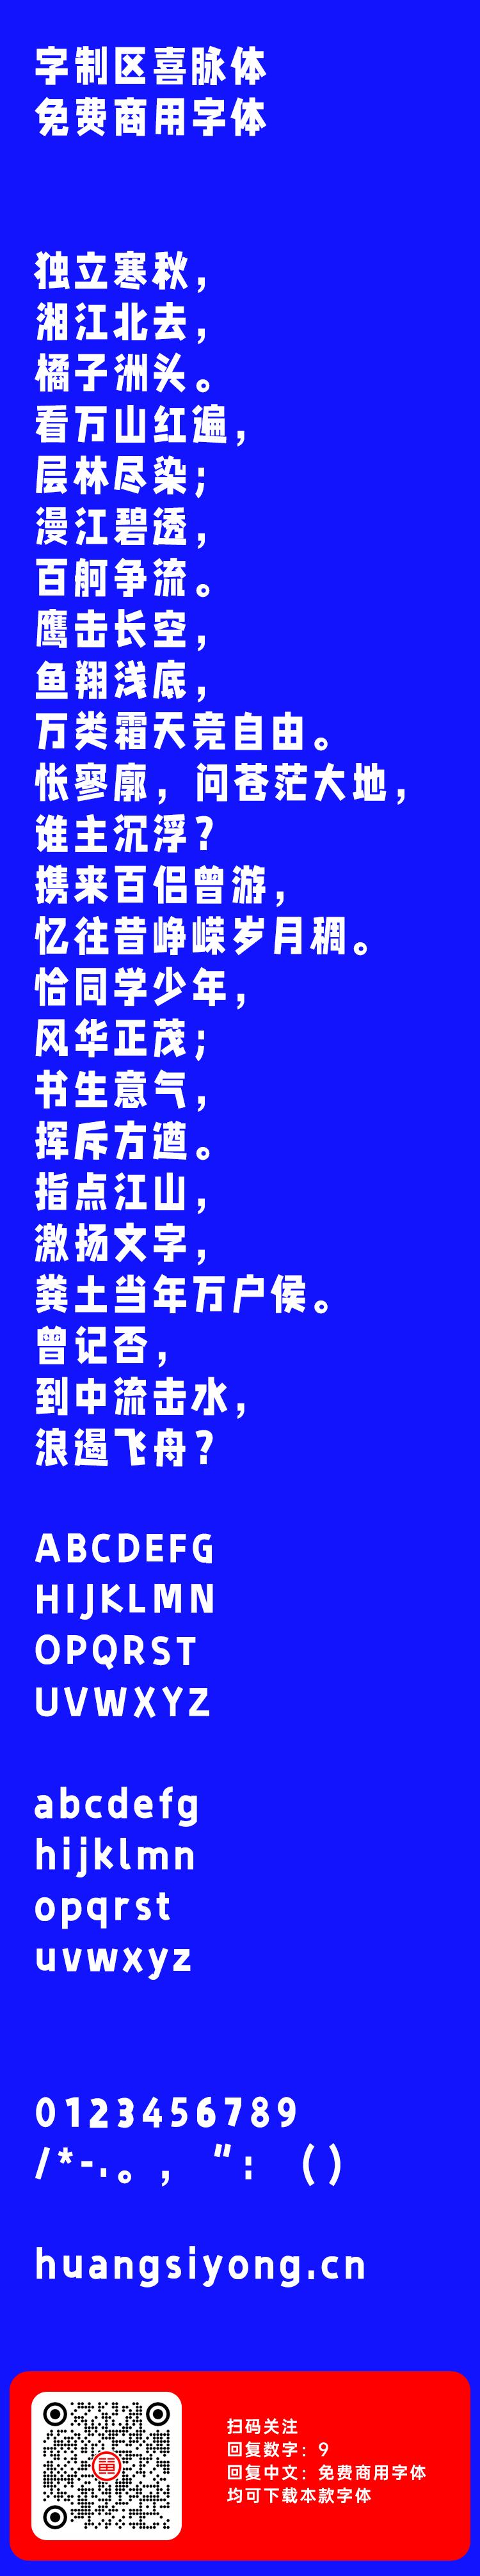 字体展示-01.png